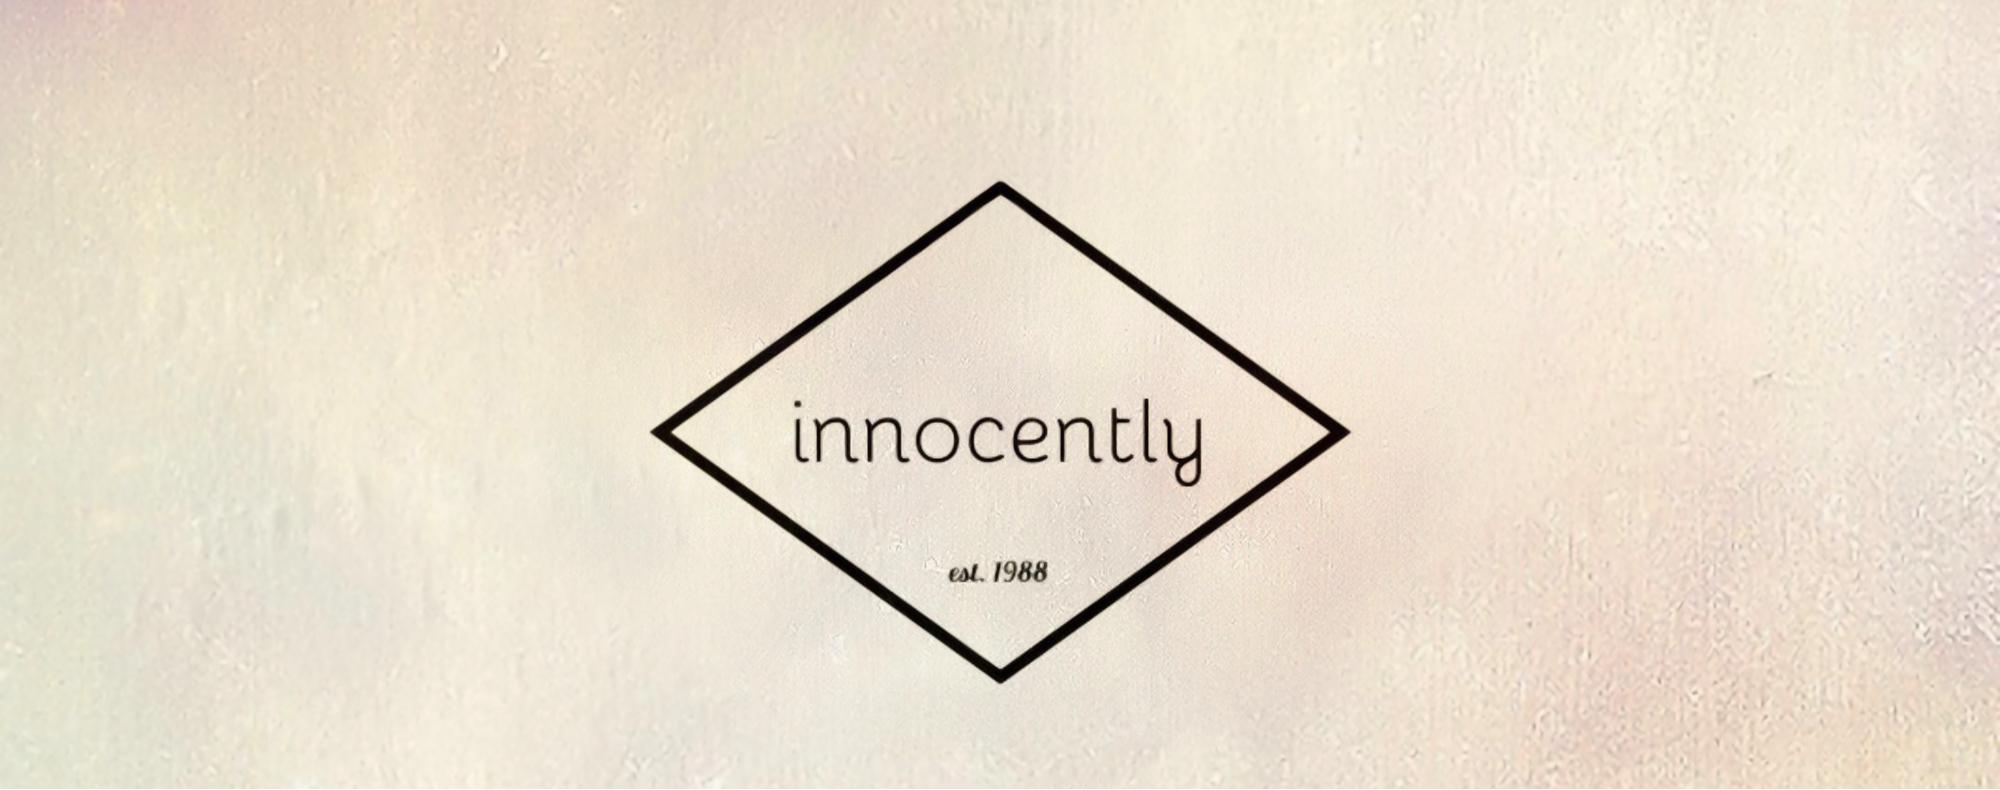 innocentlyのロゴ画像